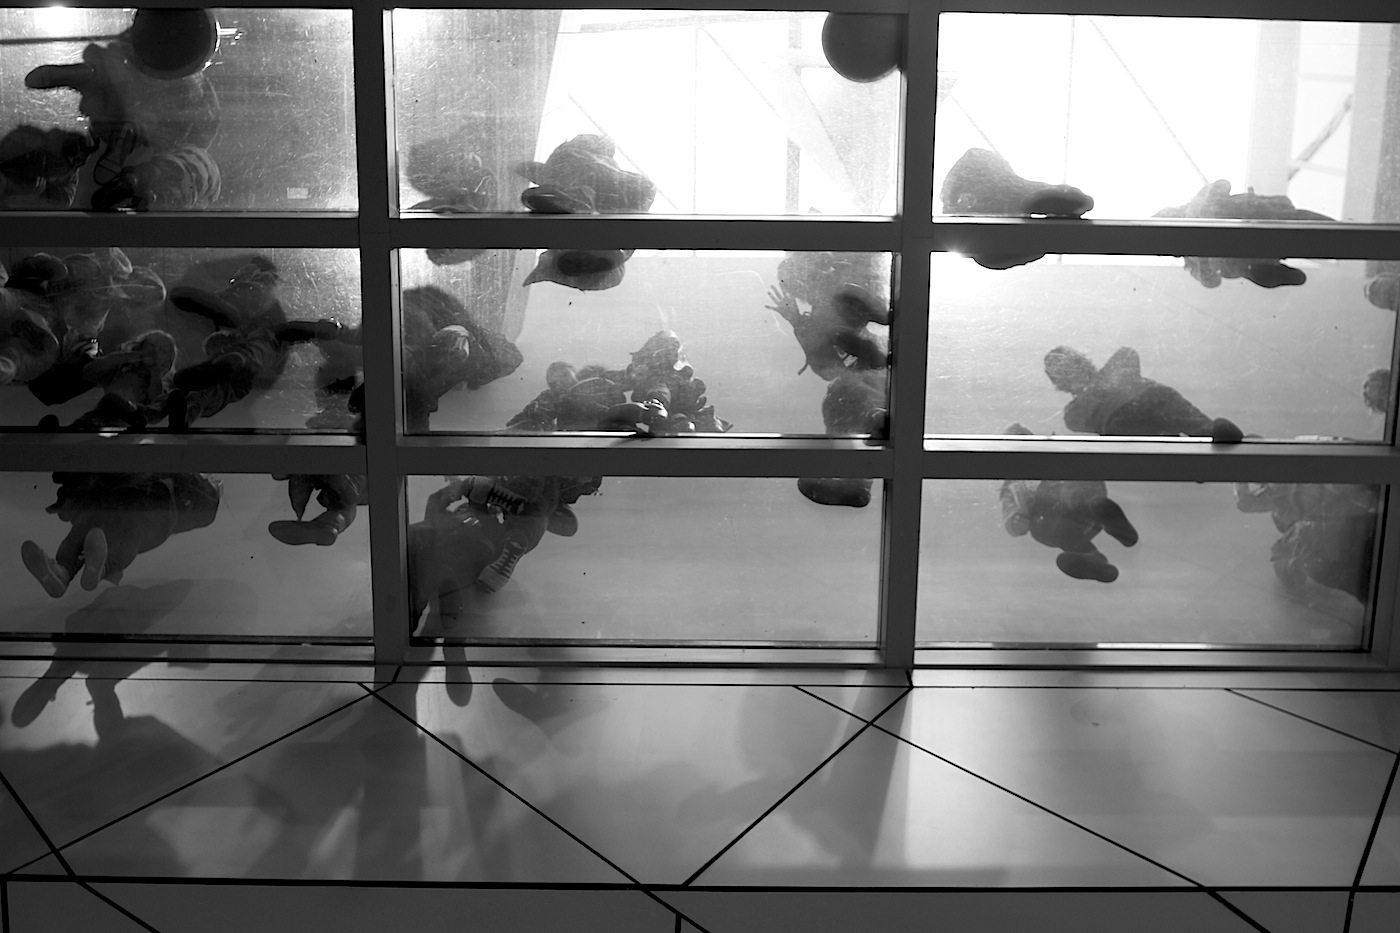 Transparenz. Der Blick auf den Ausstellungsbereich und den Gebäudeteil